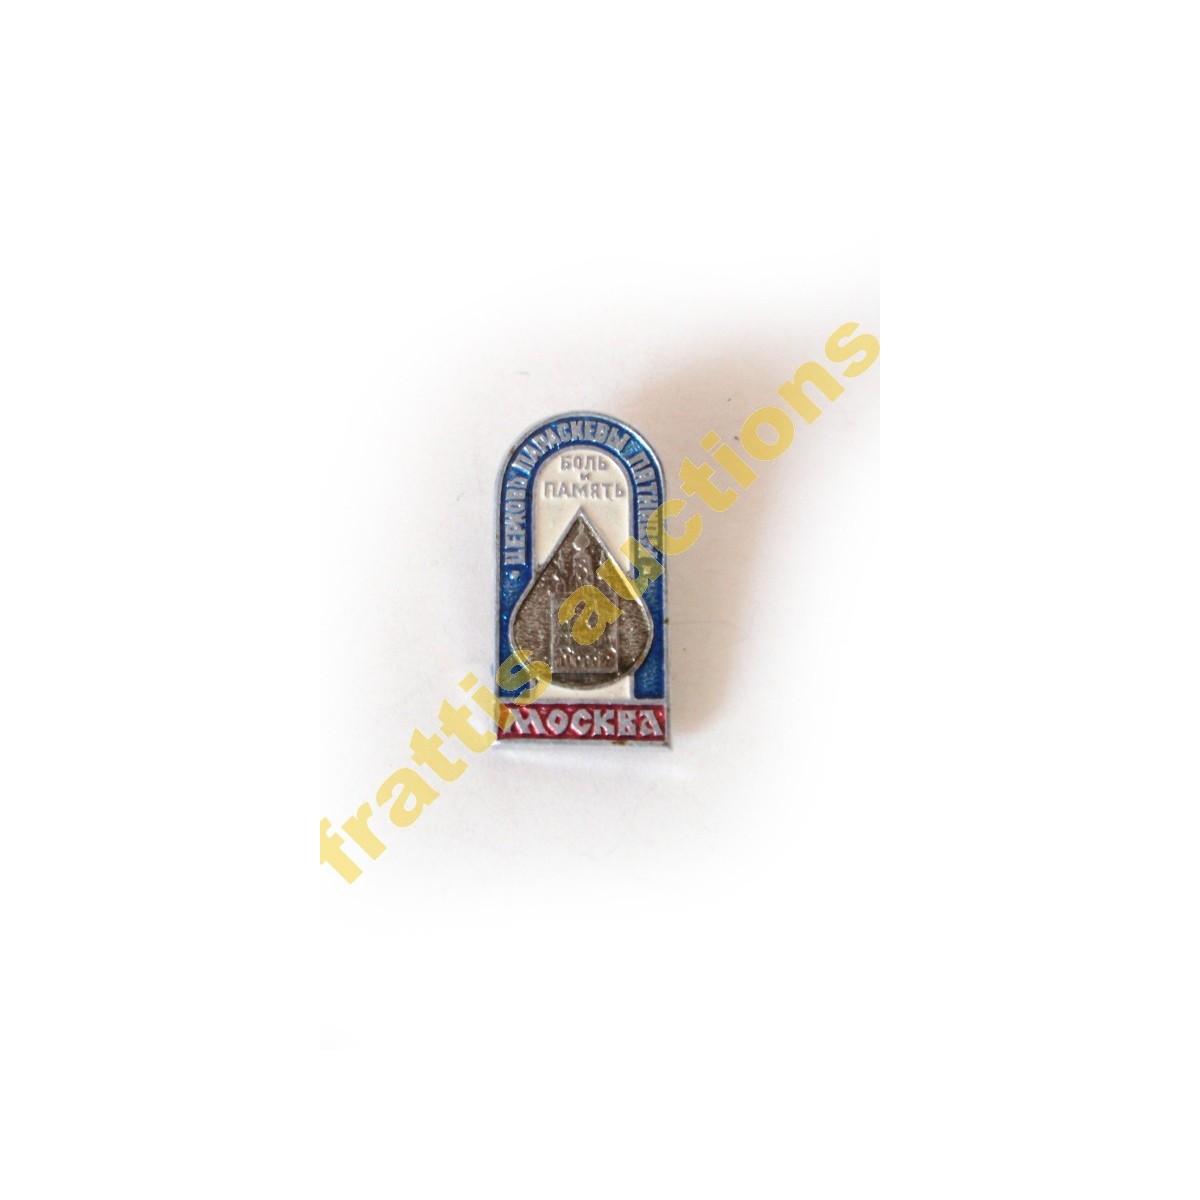 Αναμνηστικό Pin Σοβιετικής Ένωσης. Μόσχα.